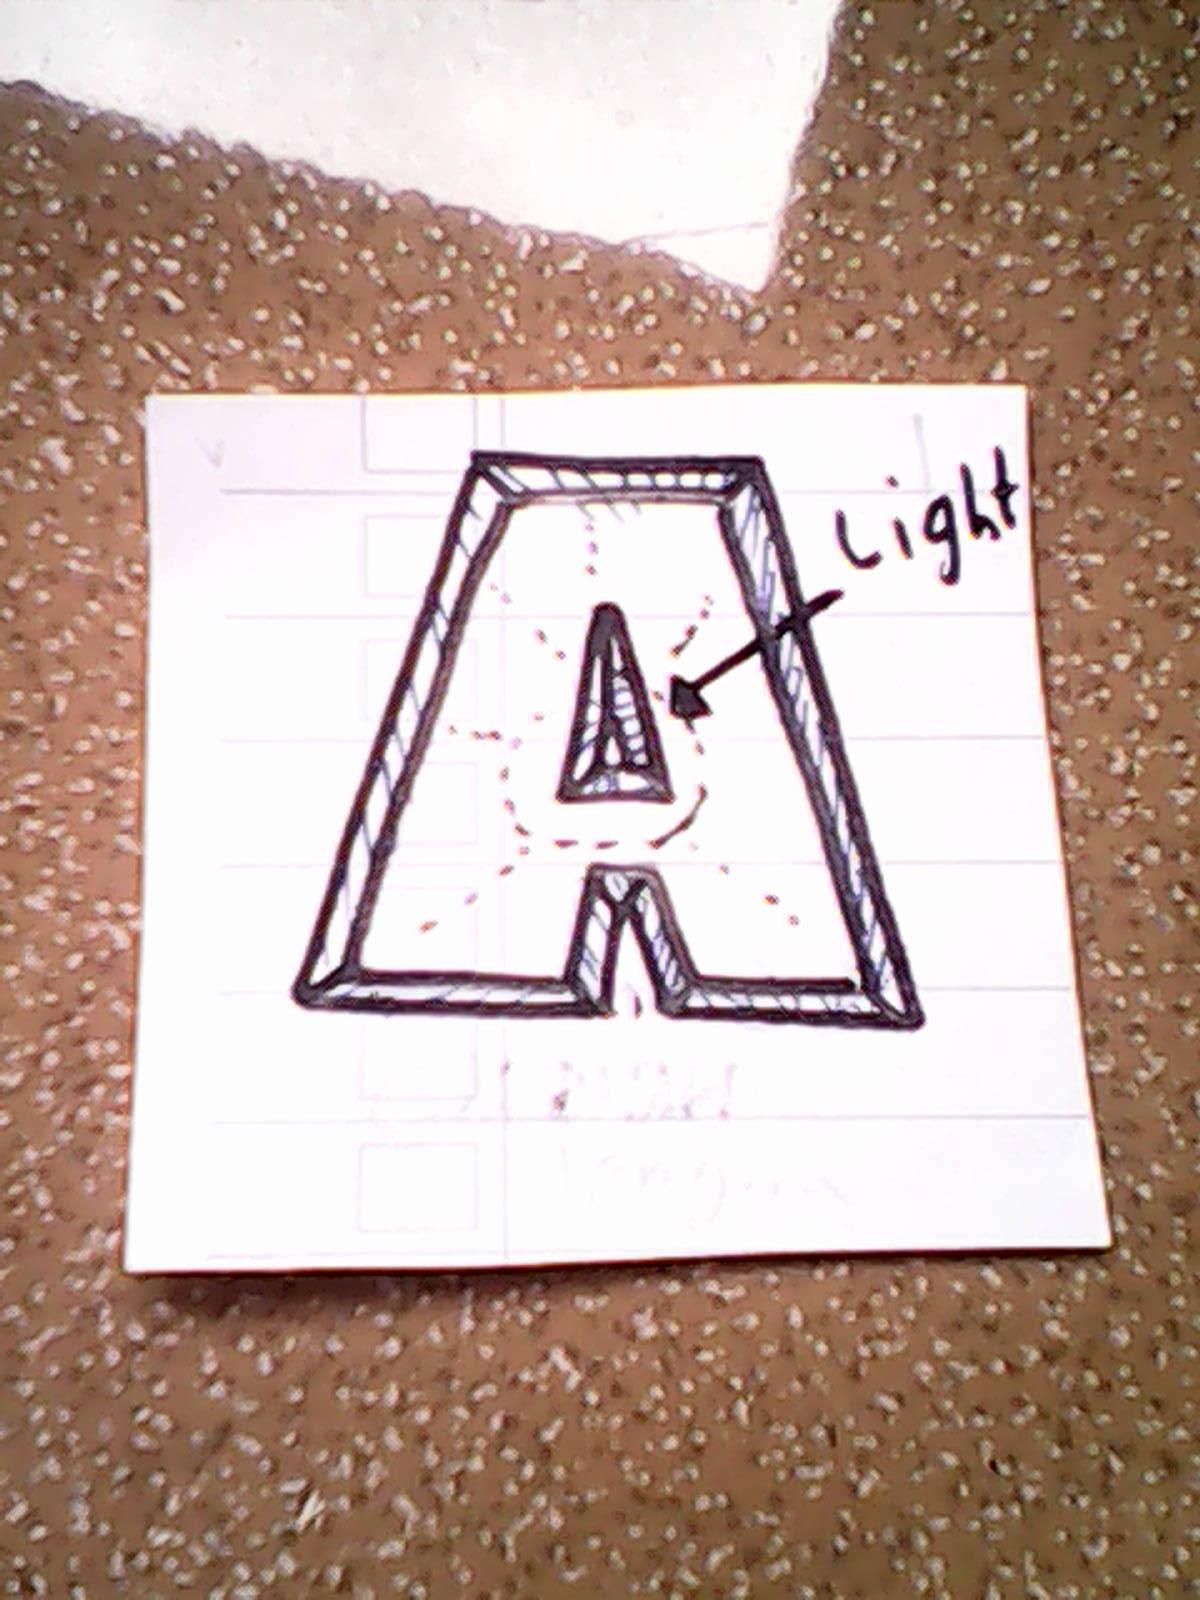 Cahaya dari samping kanan bawah